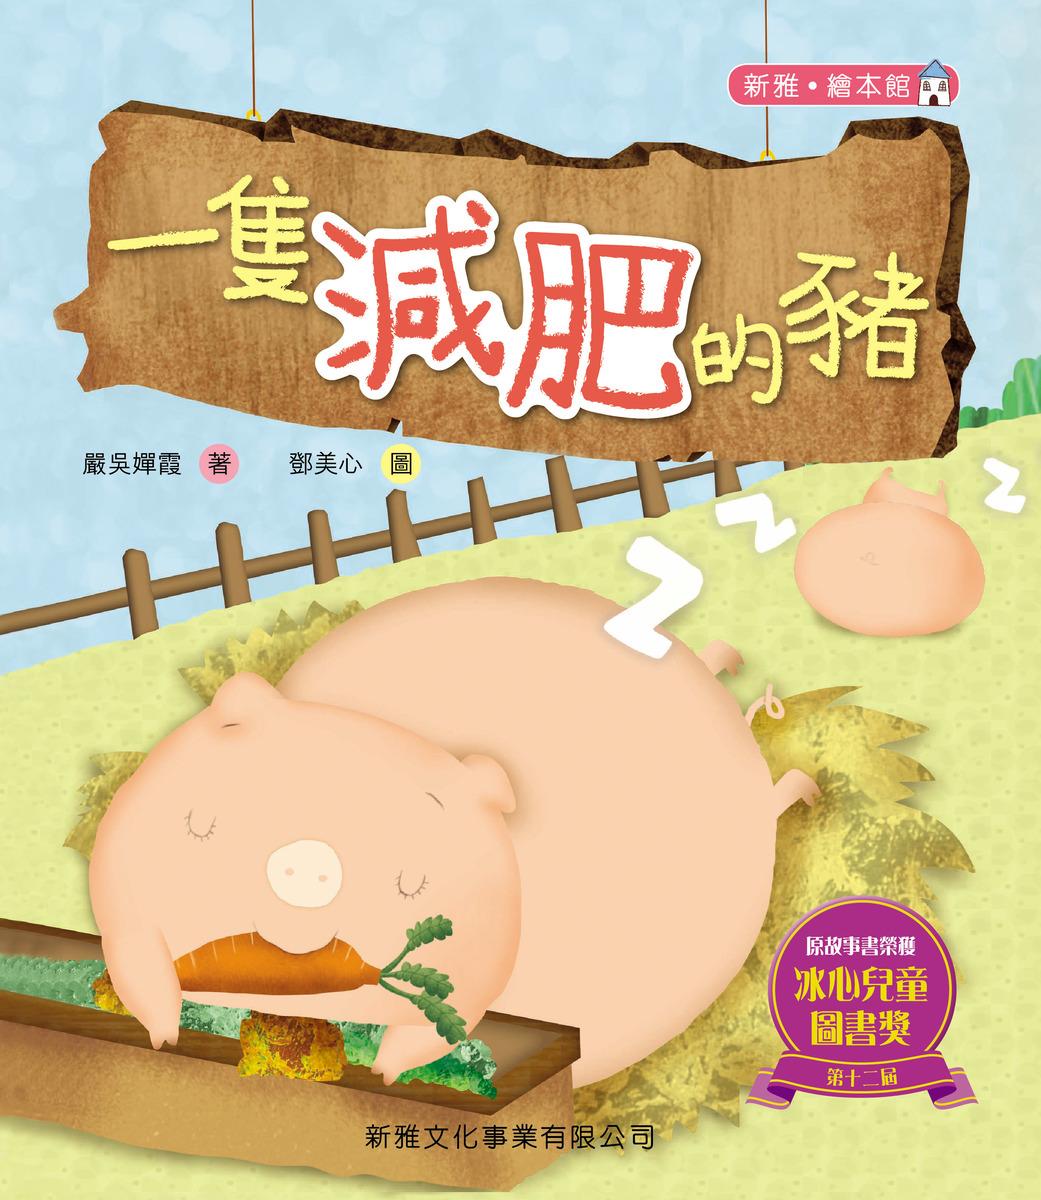 一隻減肥的豬[新雅‧繪本館]